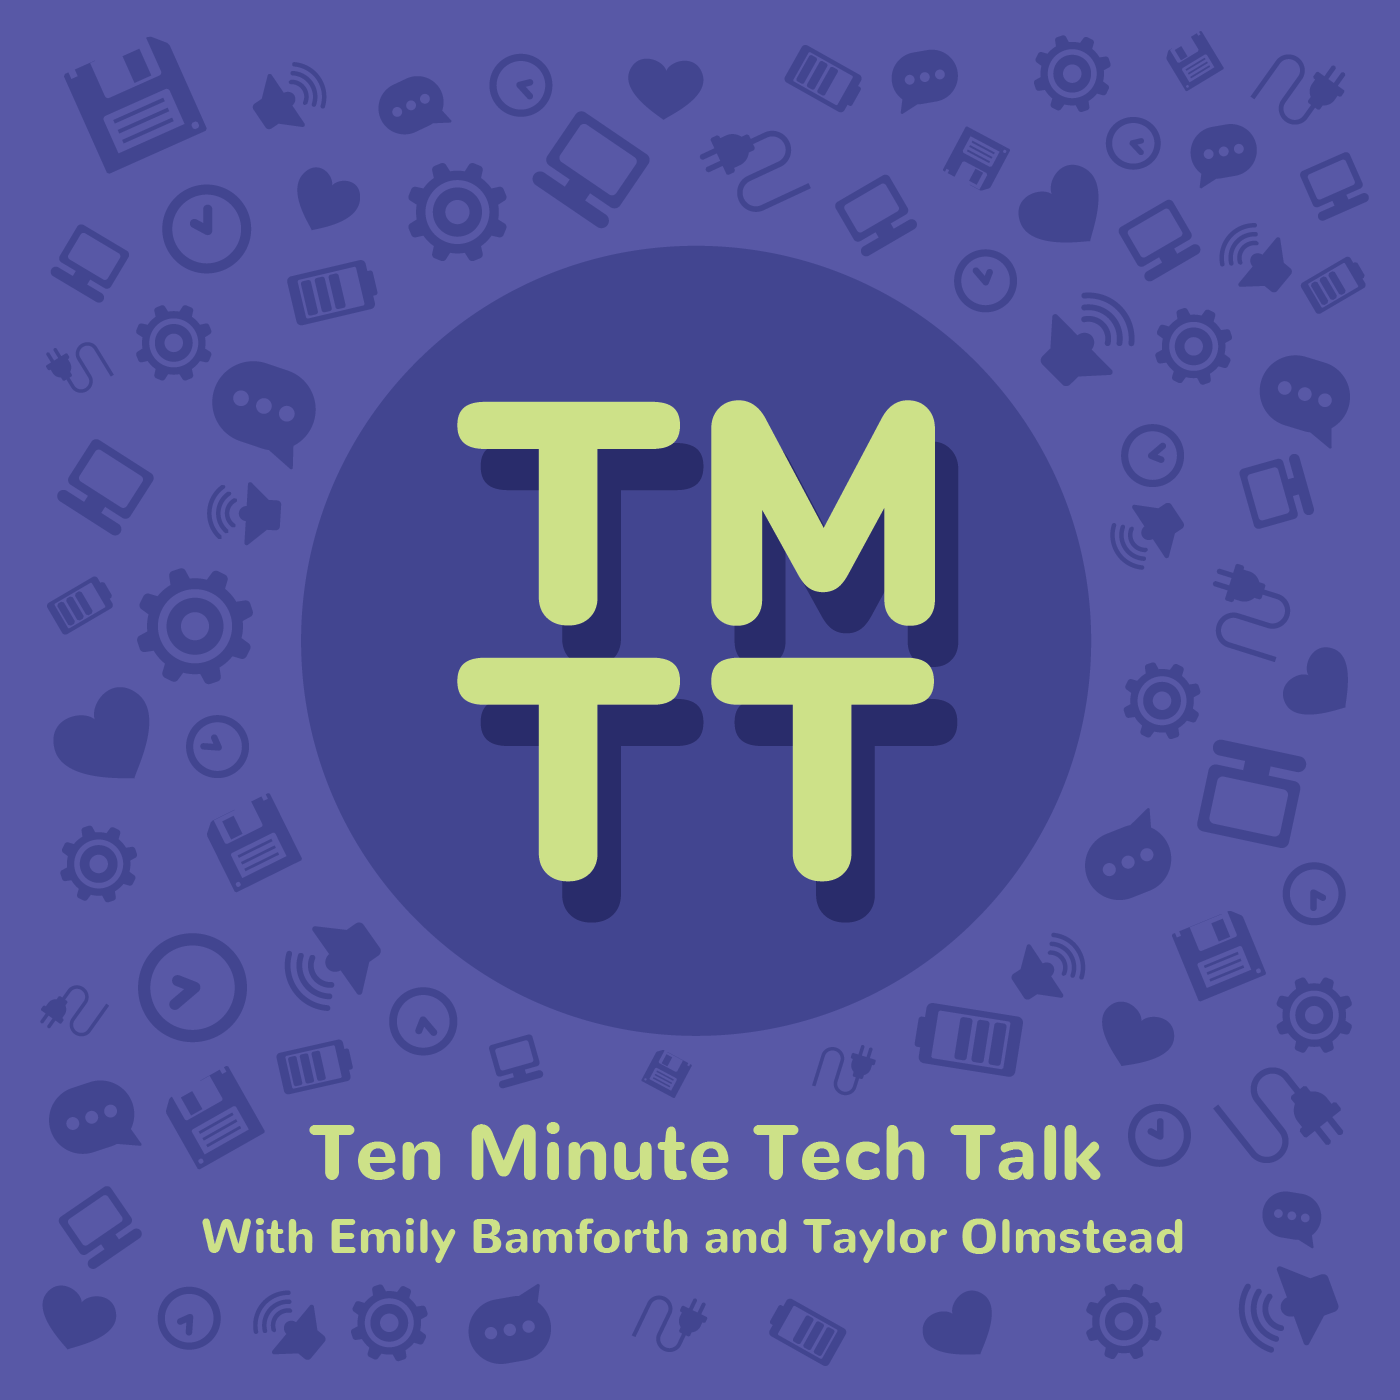 Ten Minute Tech Talk show art